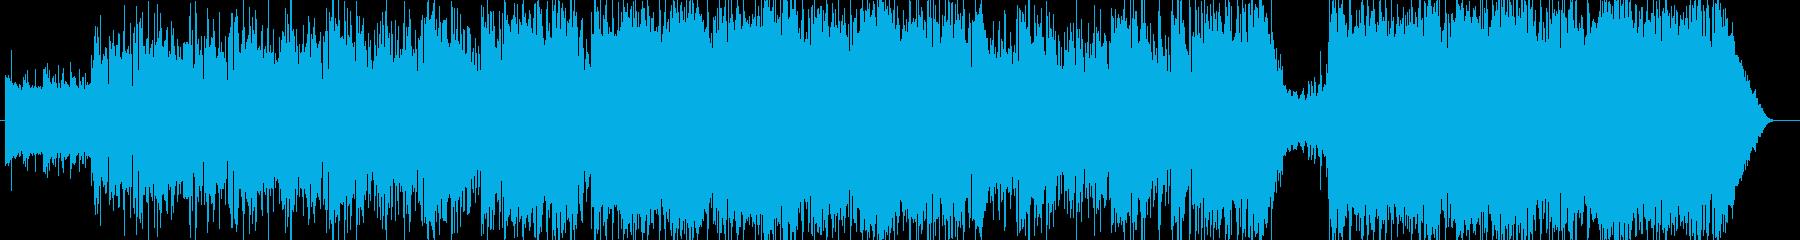 さわやかなピアノメロディーの再生済みの波形